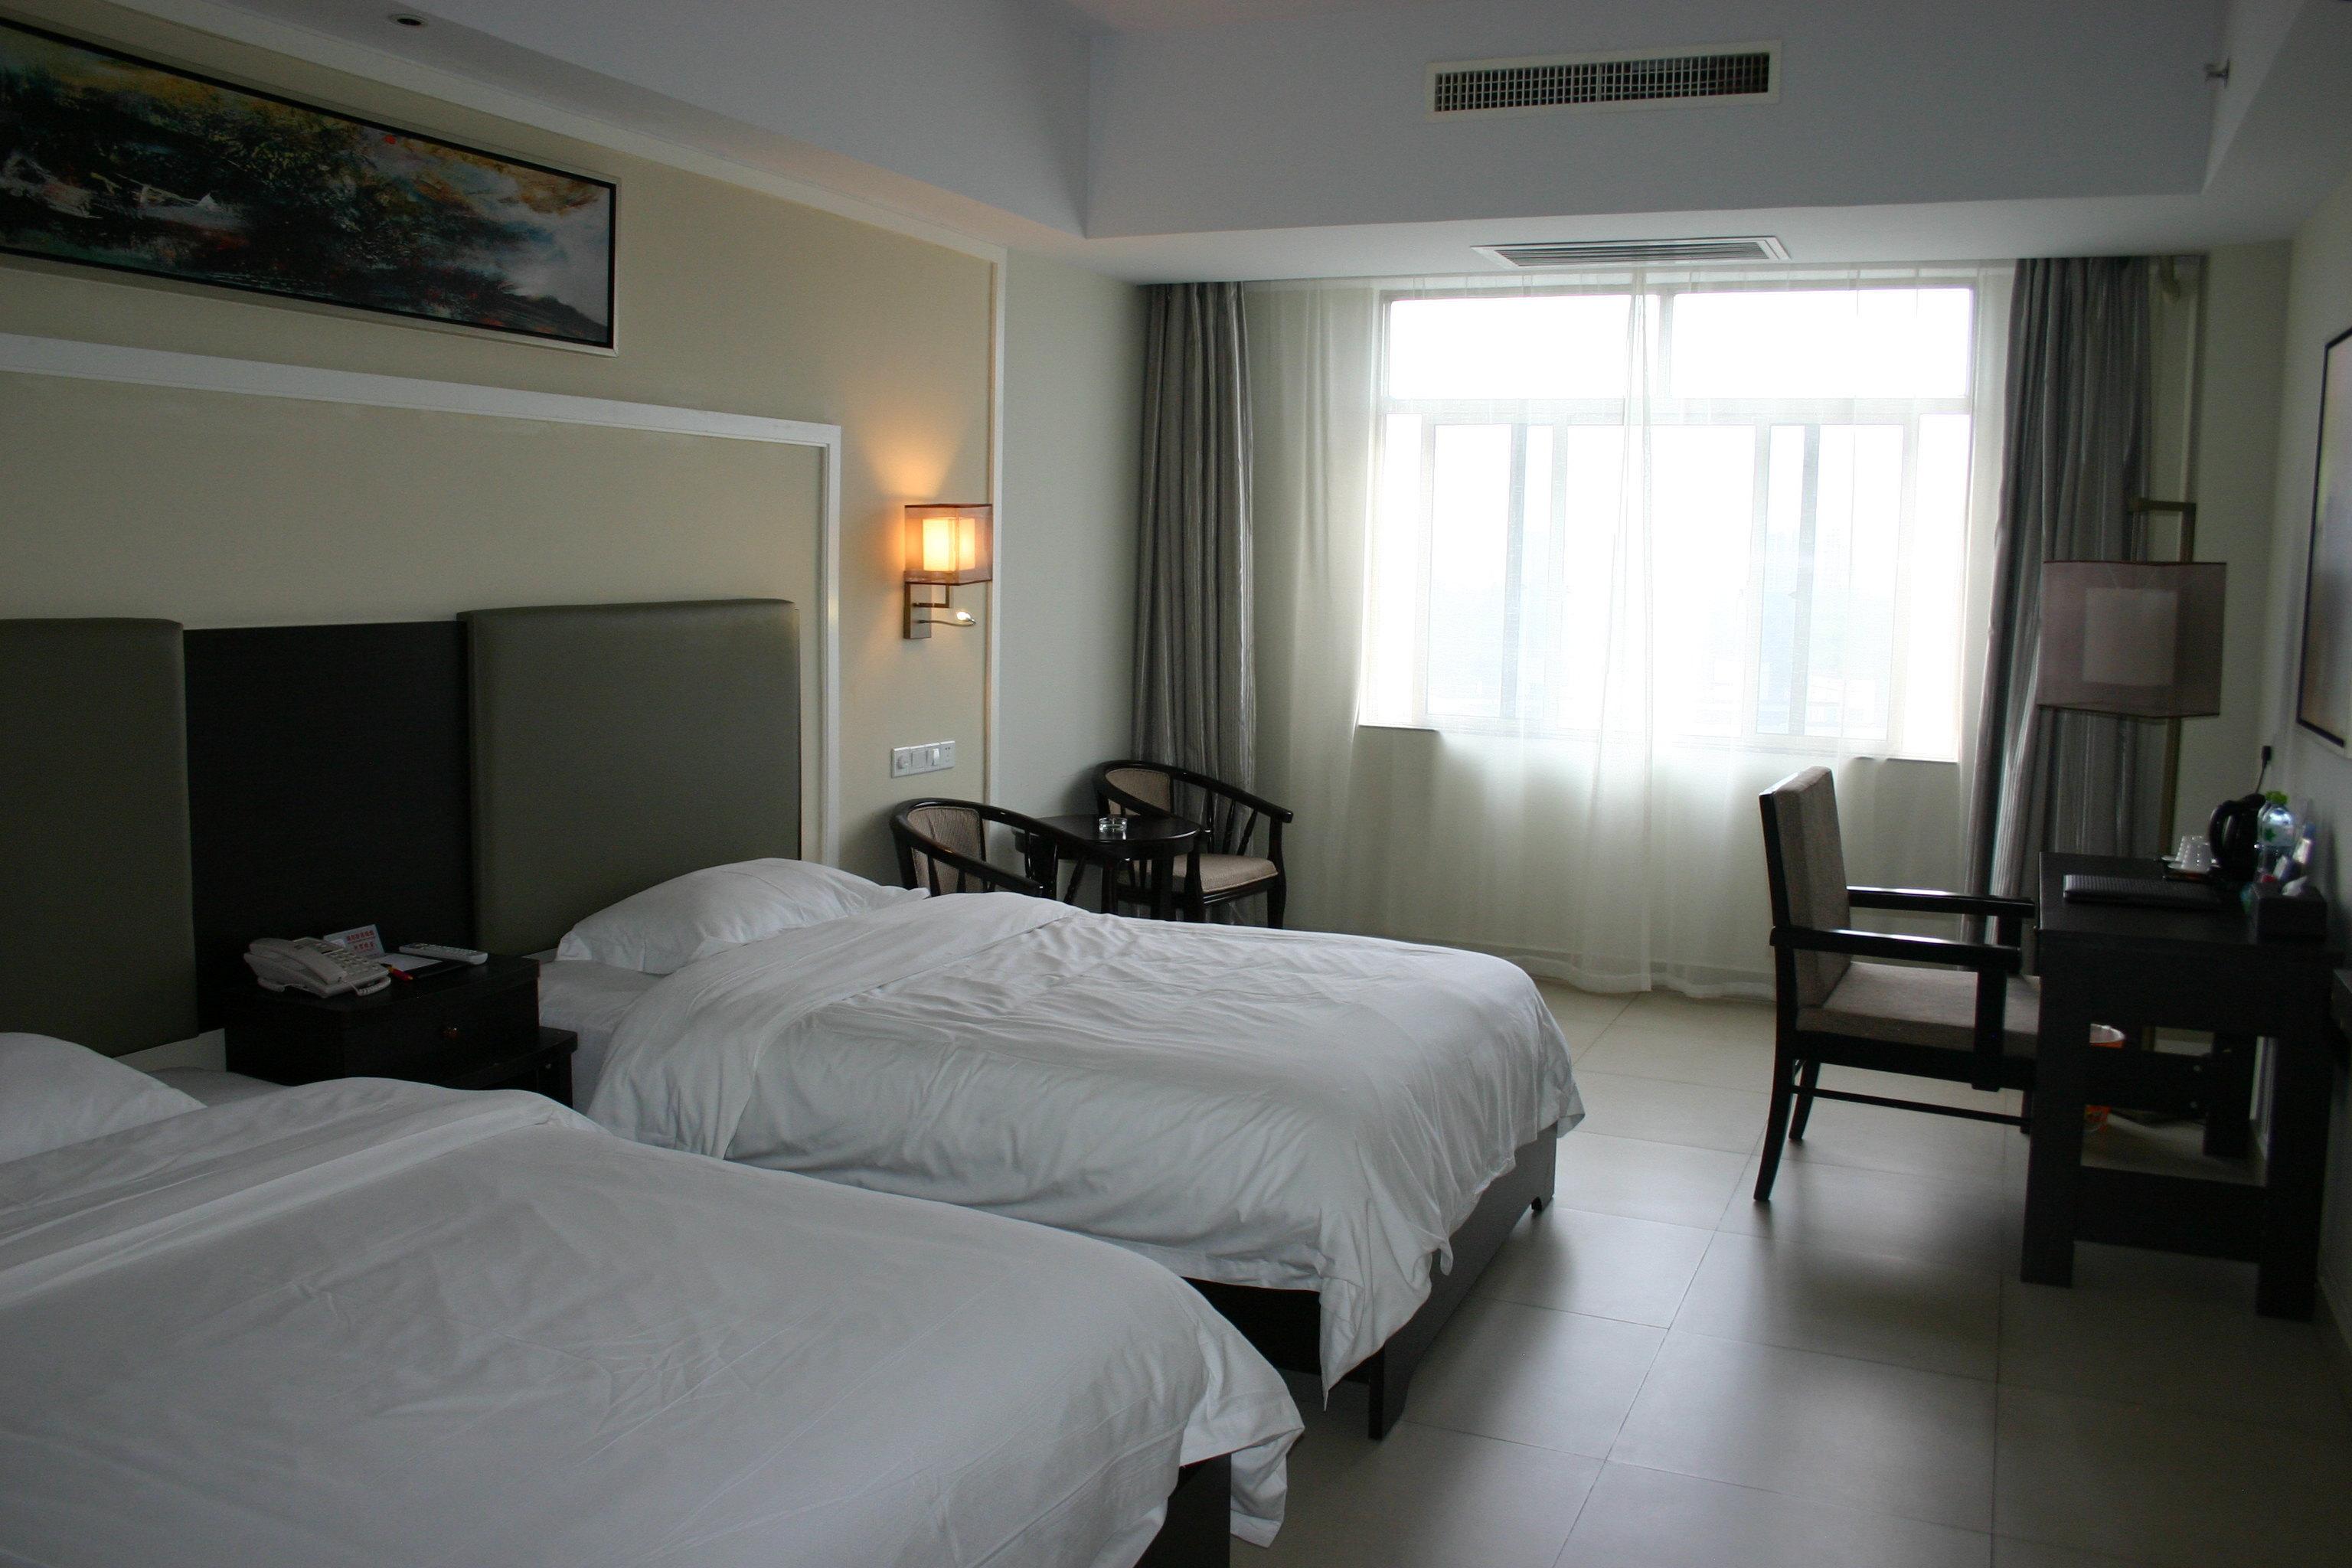 文昌方舟酒店(行政双人间)